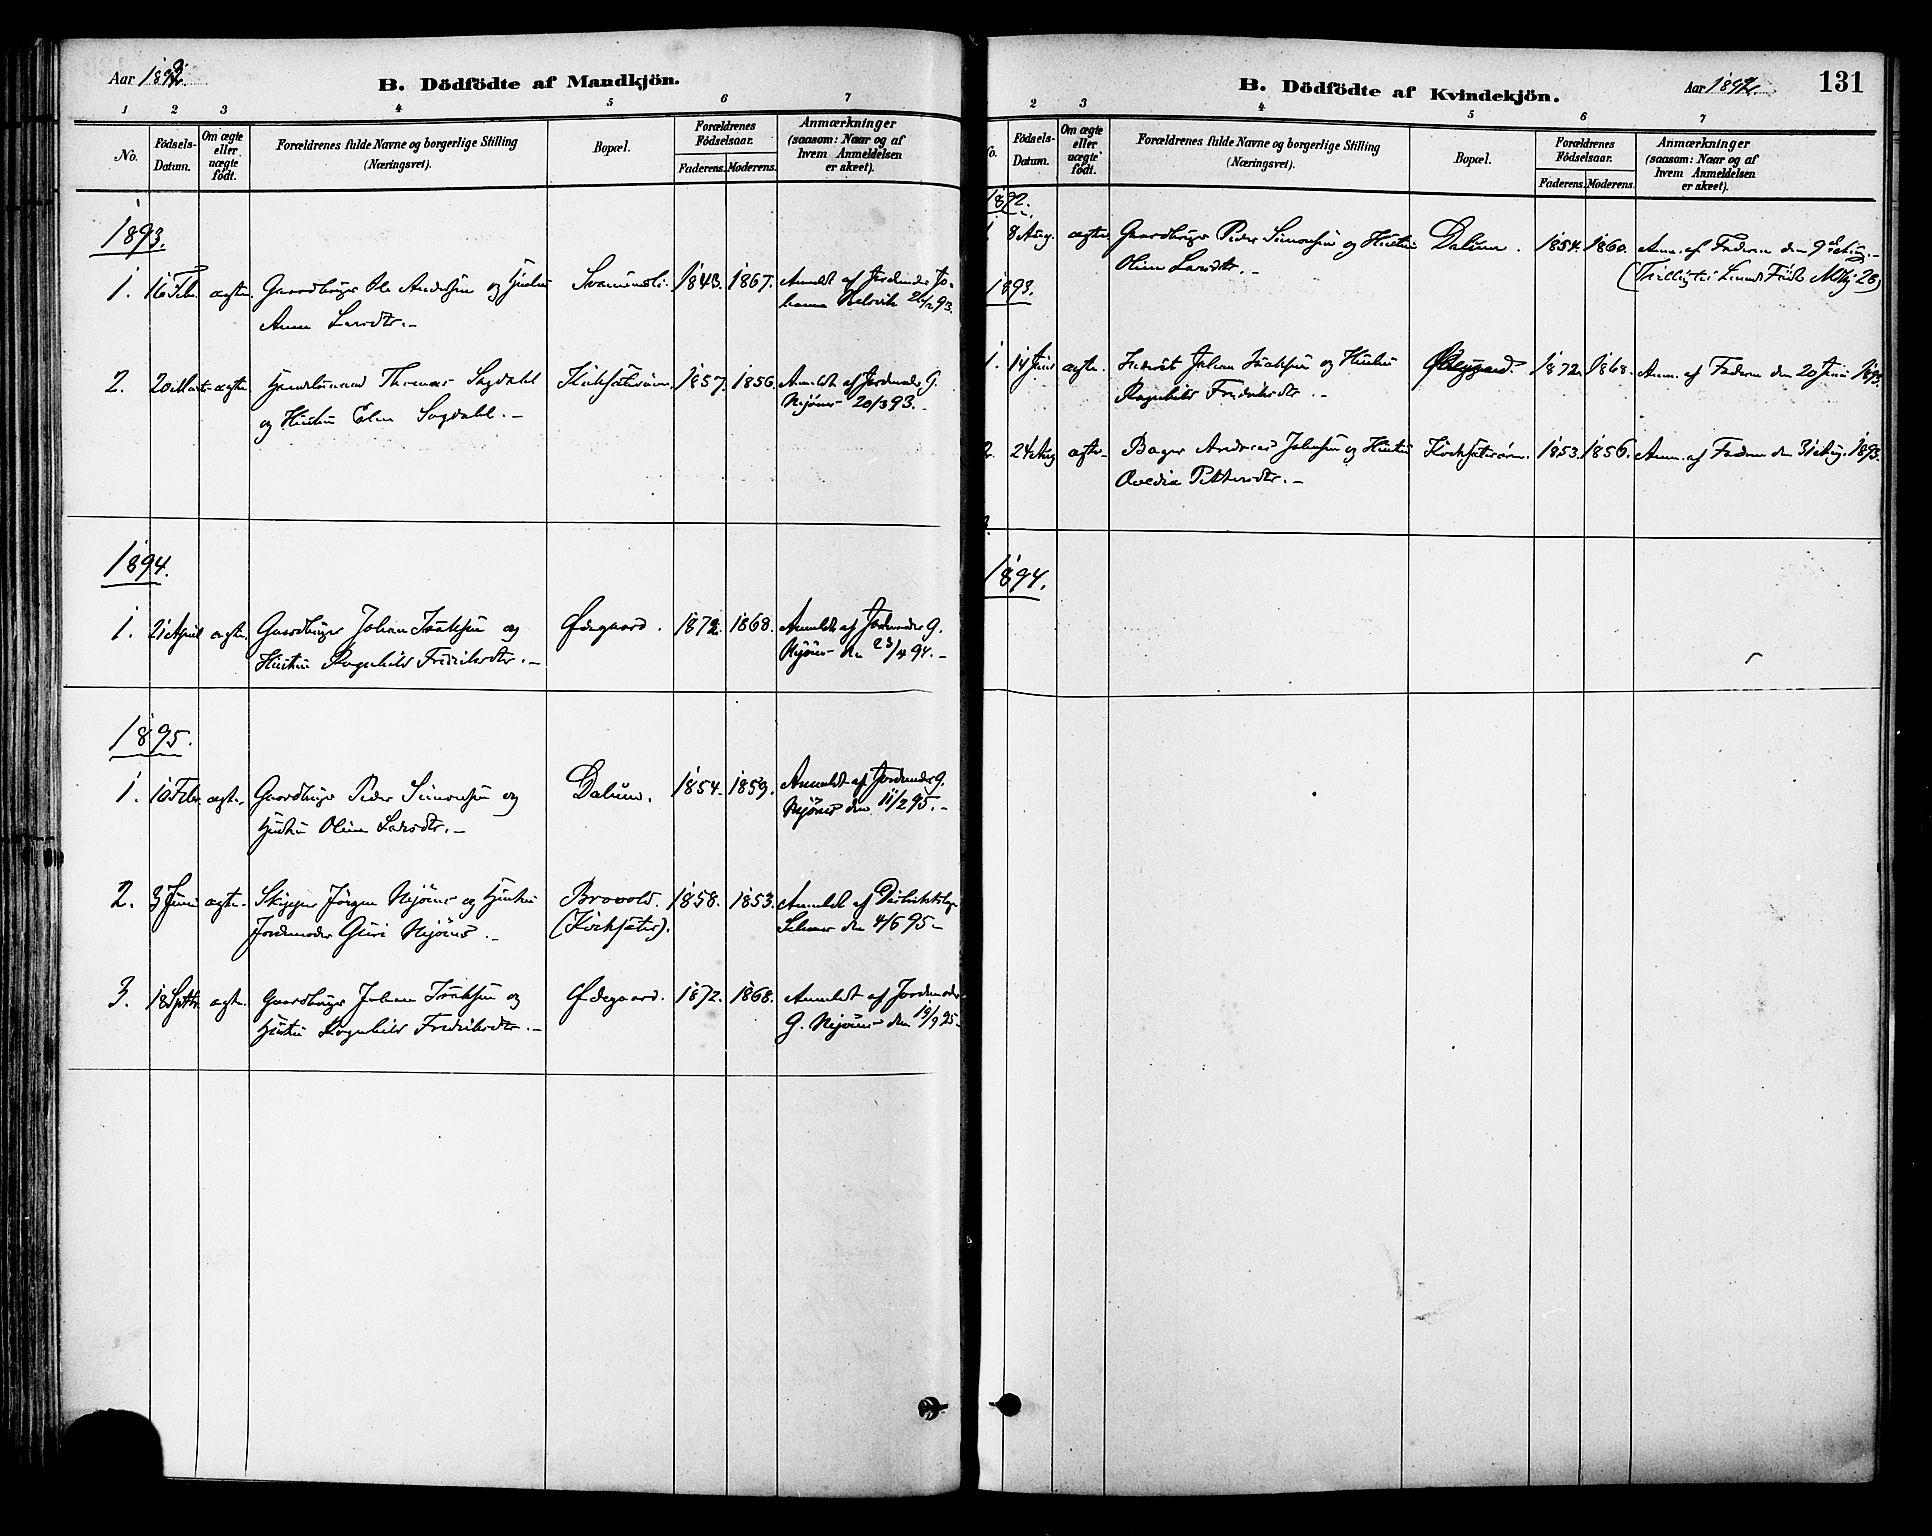 SAT, Ministerialprotokoller, klokkerbøker og fødselsregistre - Sør-Trøndelag, 630/L0496: Ministerialbok nr. 630A09, 1879-1895, s. 131